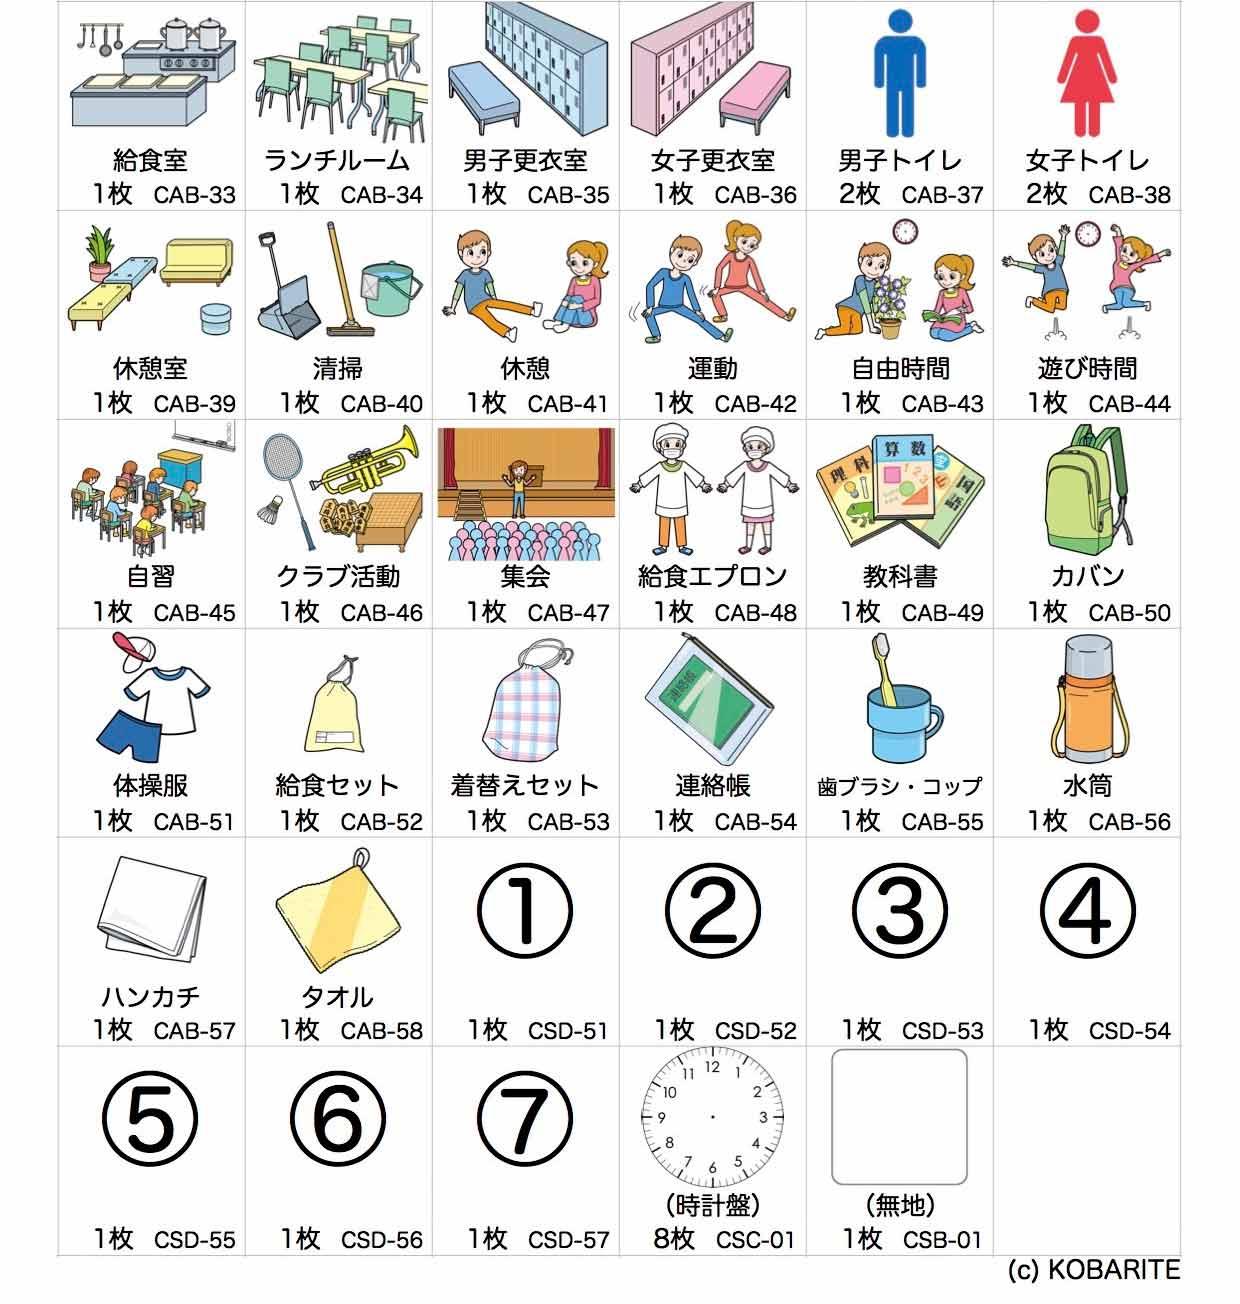 コバリテ絵カードセット(学校一日編)後半